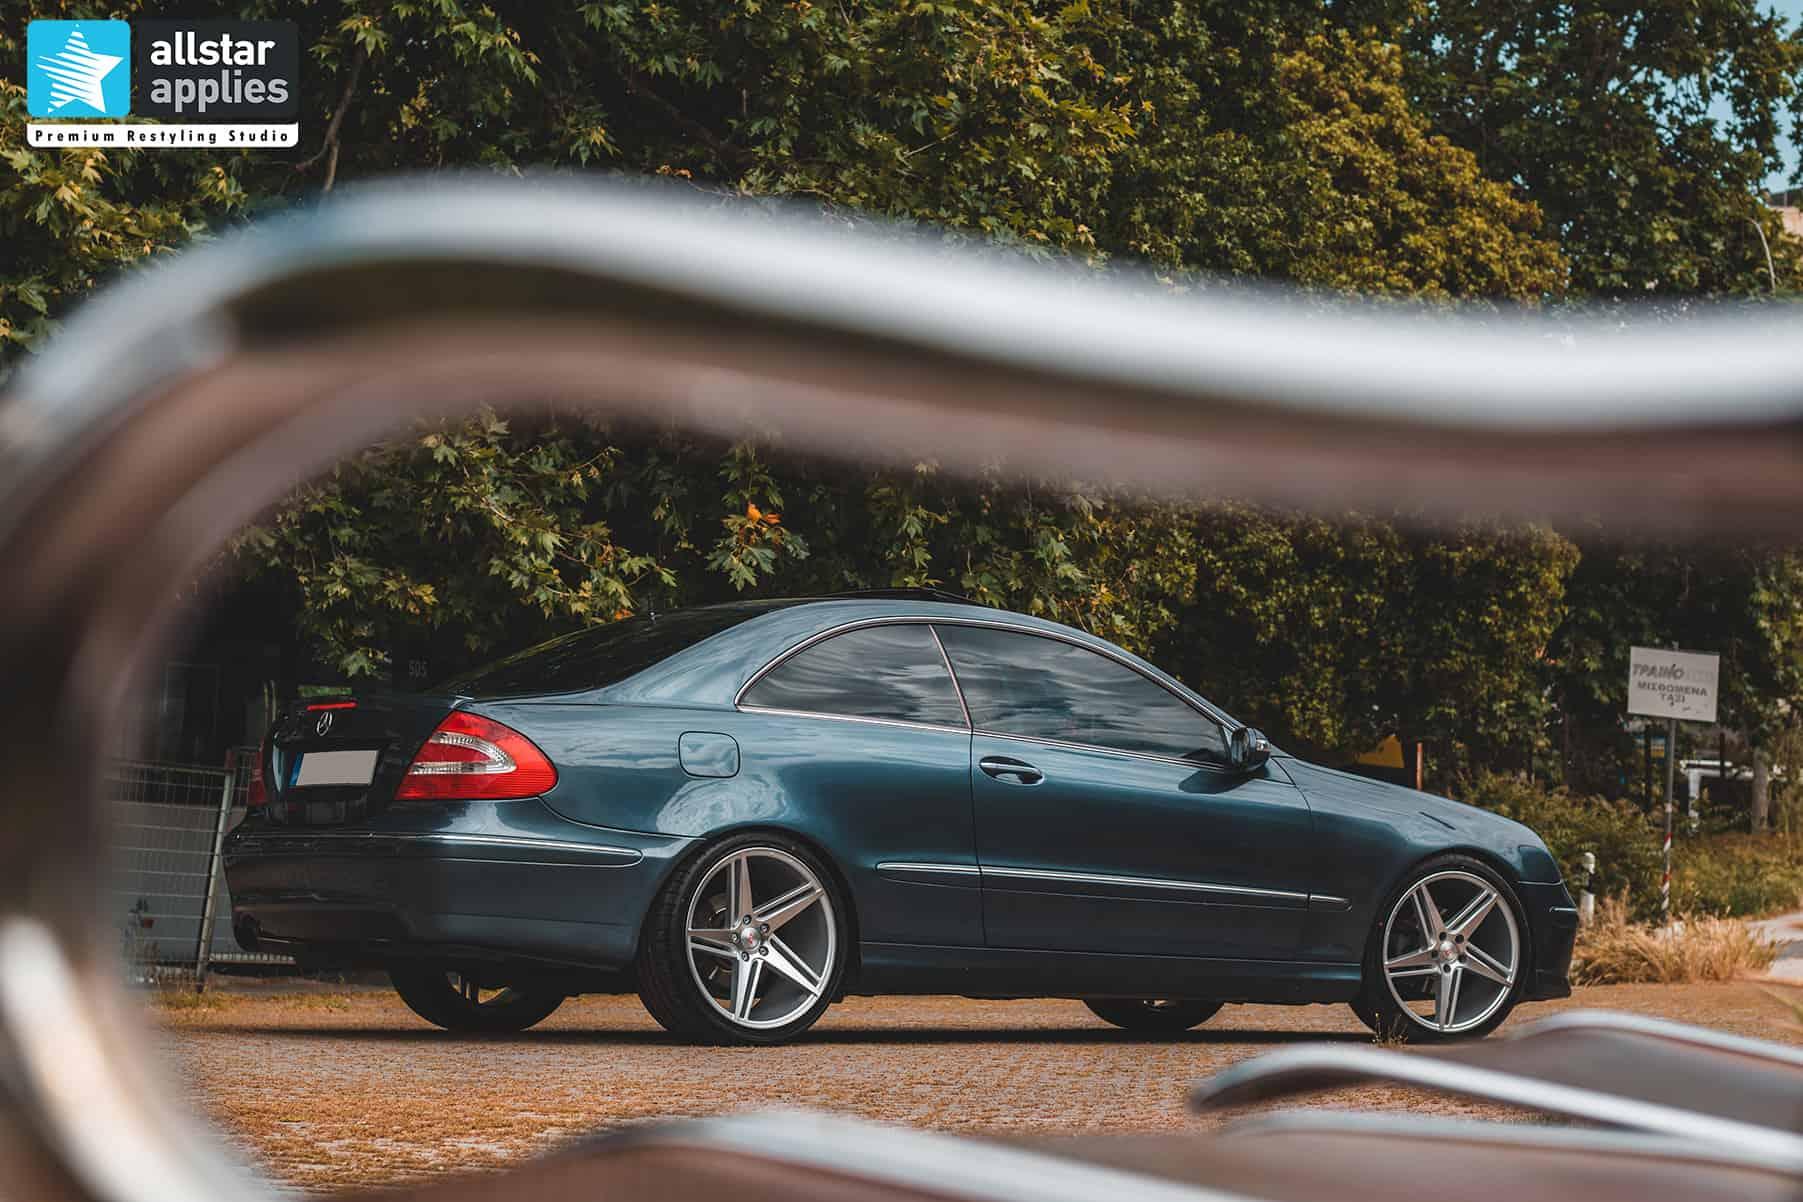 αλλαγής χρώματος με αυτοκόλλητα στη Θεσσαλονίκη σε Mercedes Benz CLK Allstar Applies